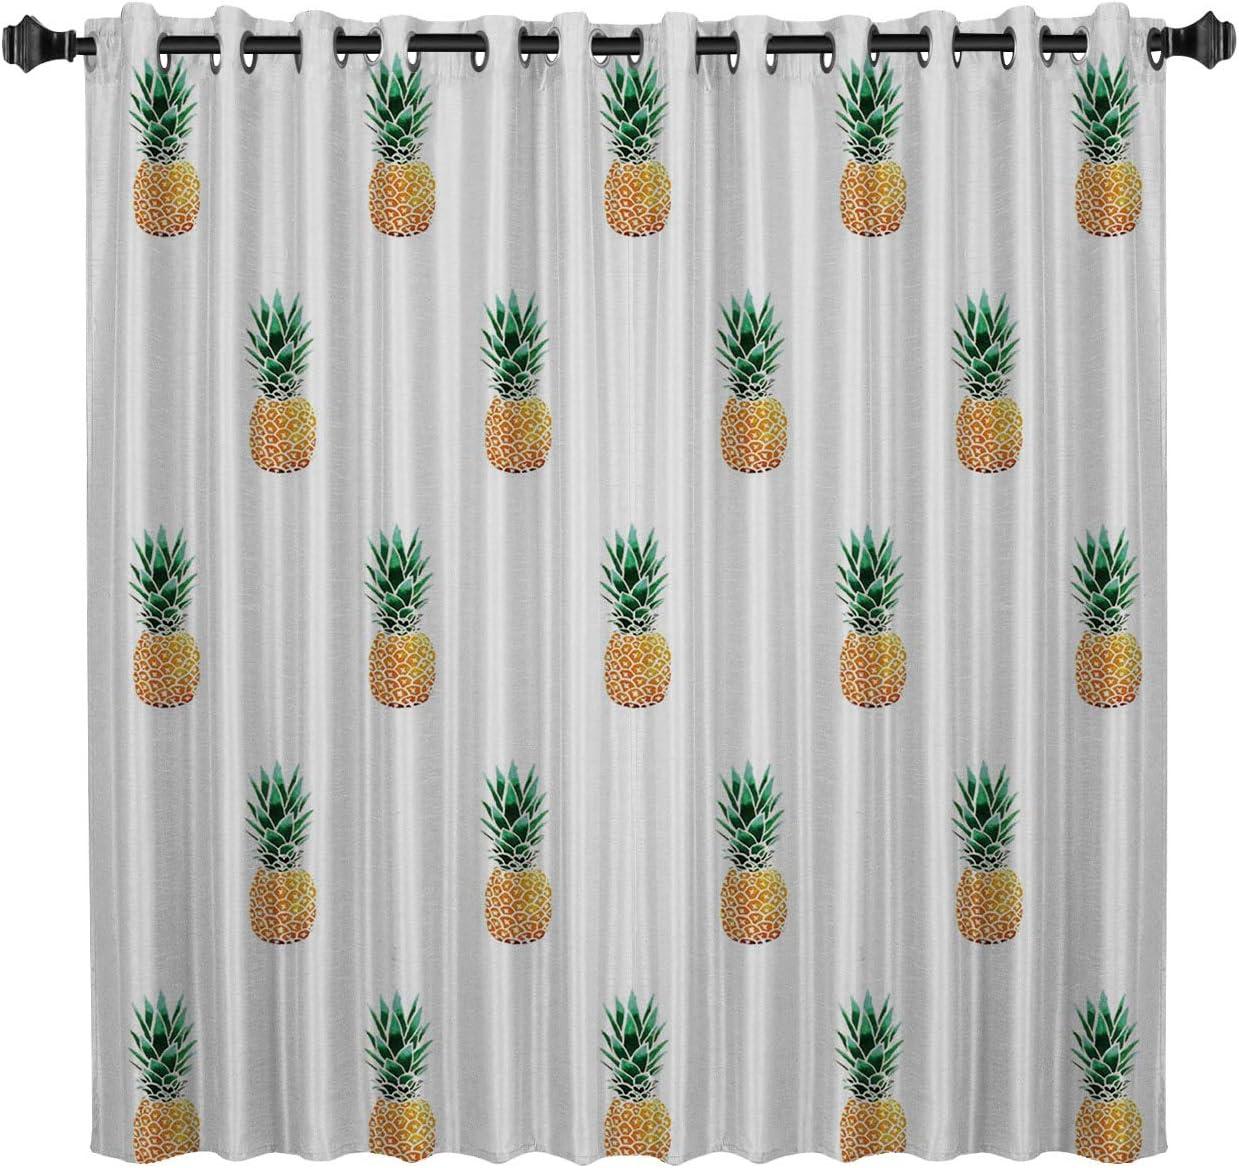 お買い得 BedSweet Blackout Room Darkening Curtains 一部予約 52